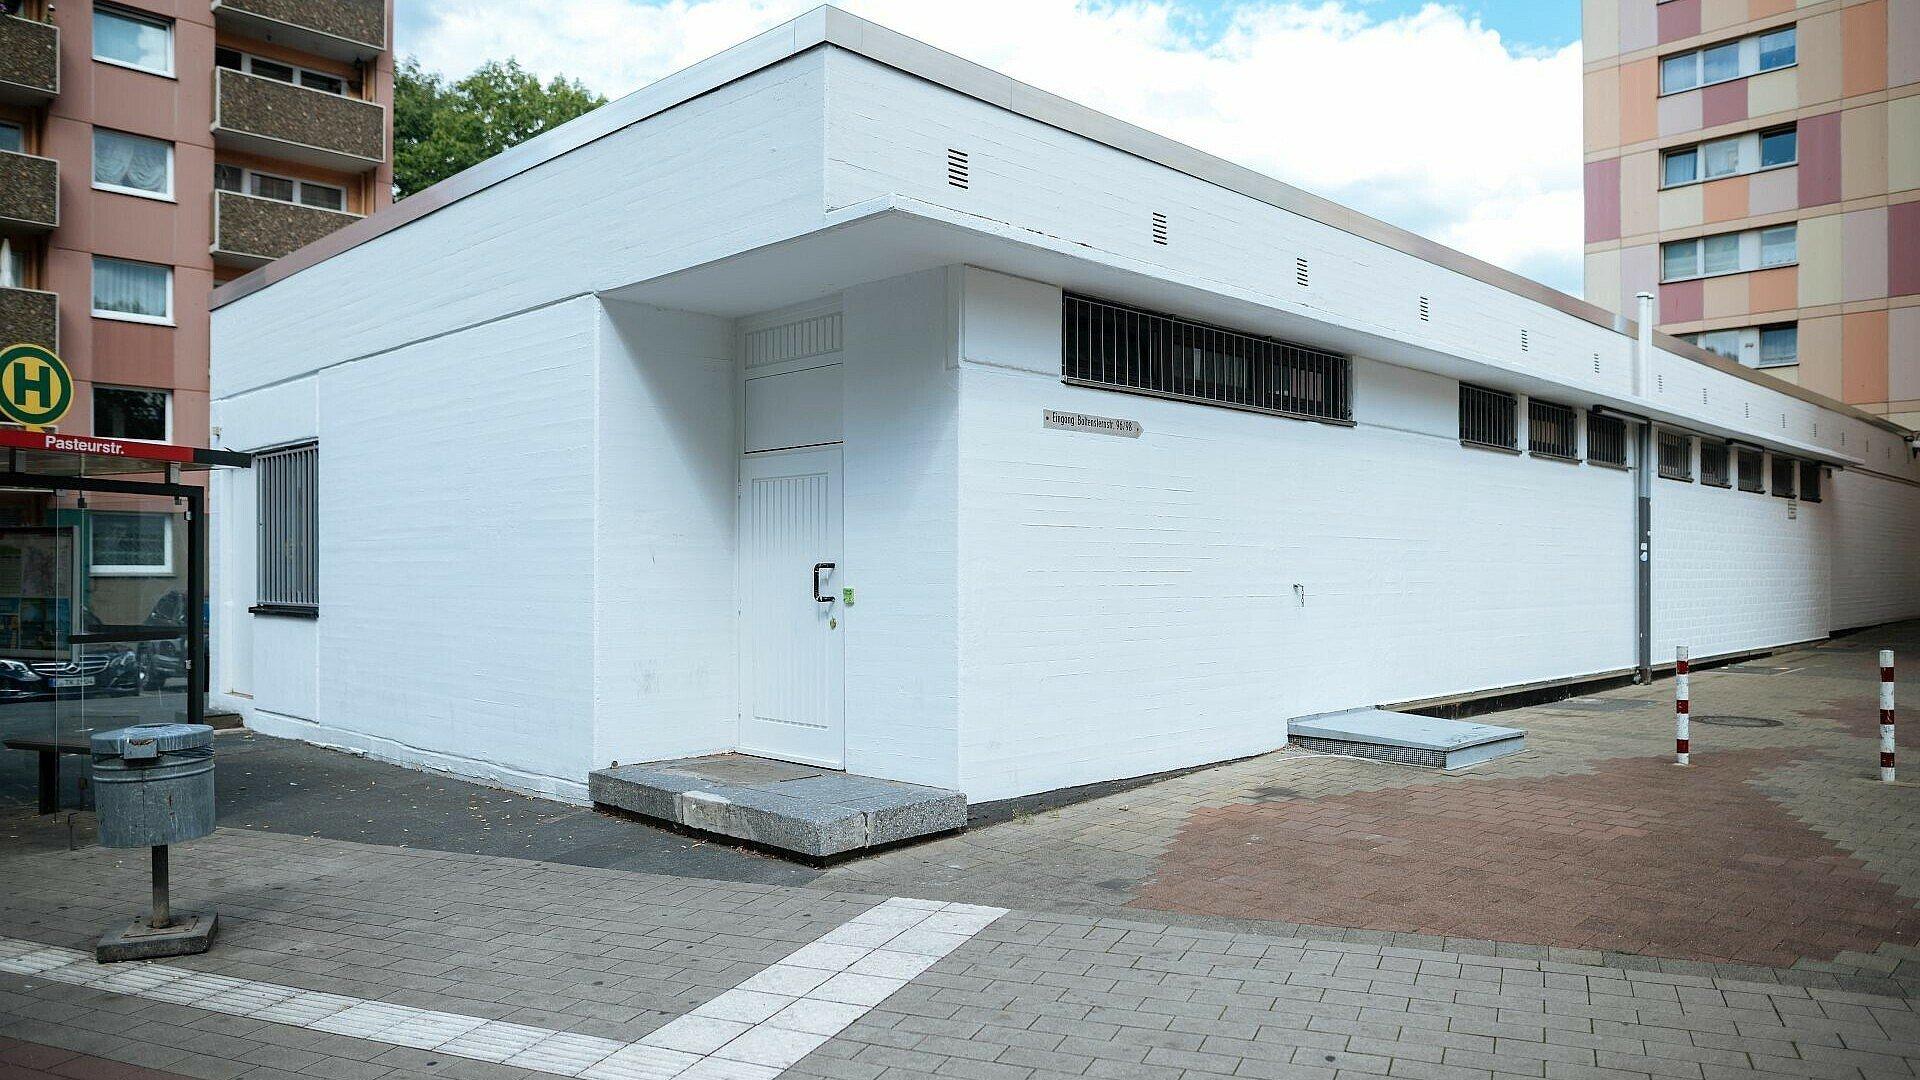 Jugendzentrum Fzwei in Niehl vor der Kunstaktion